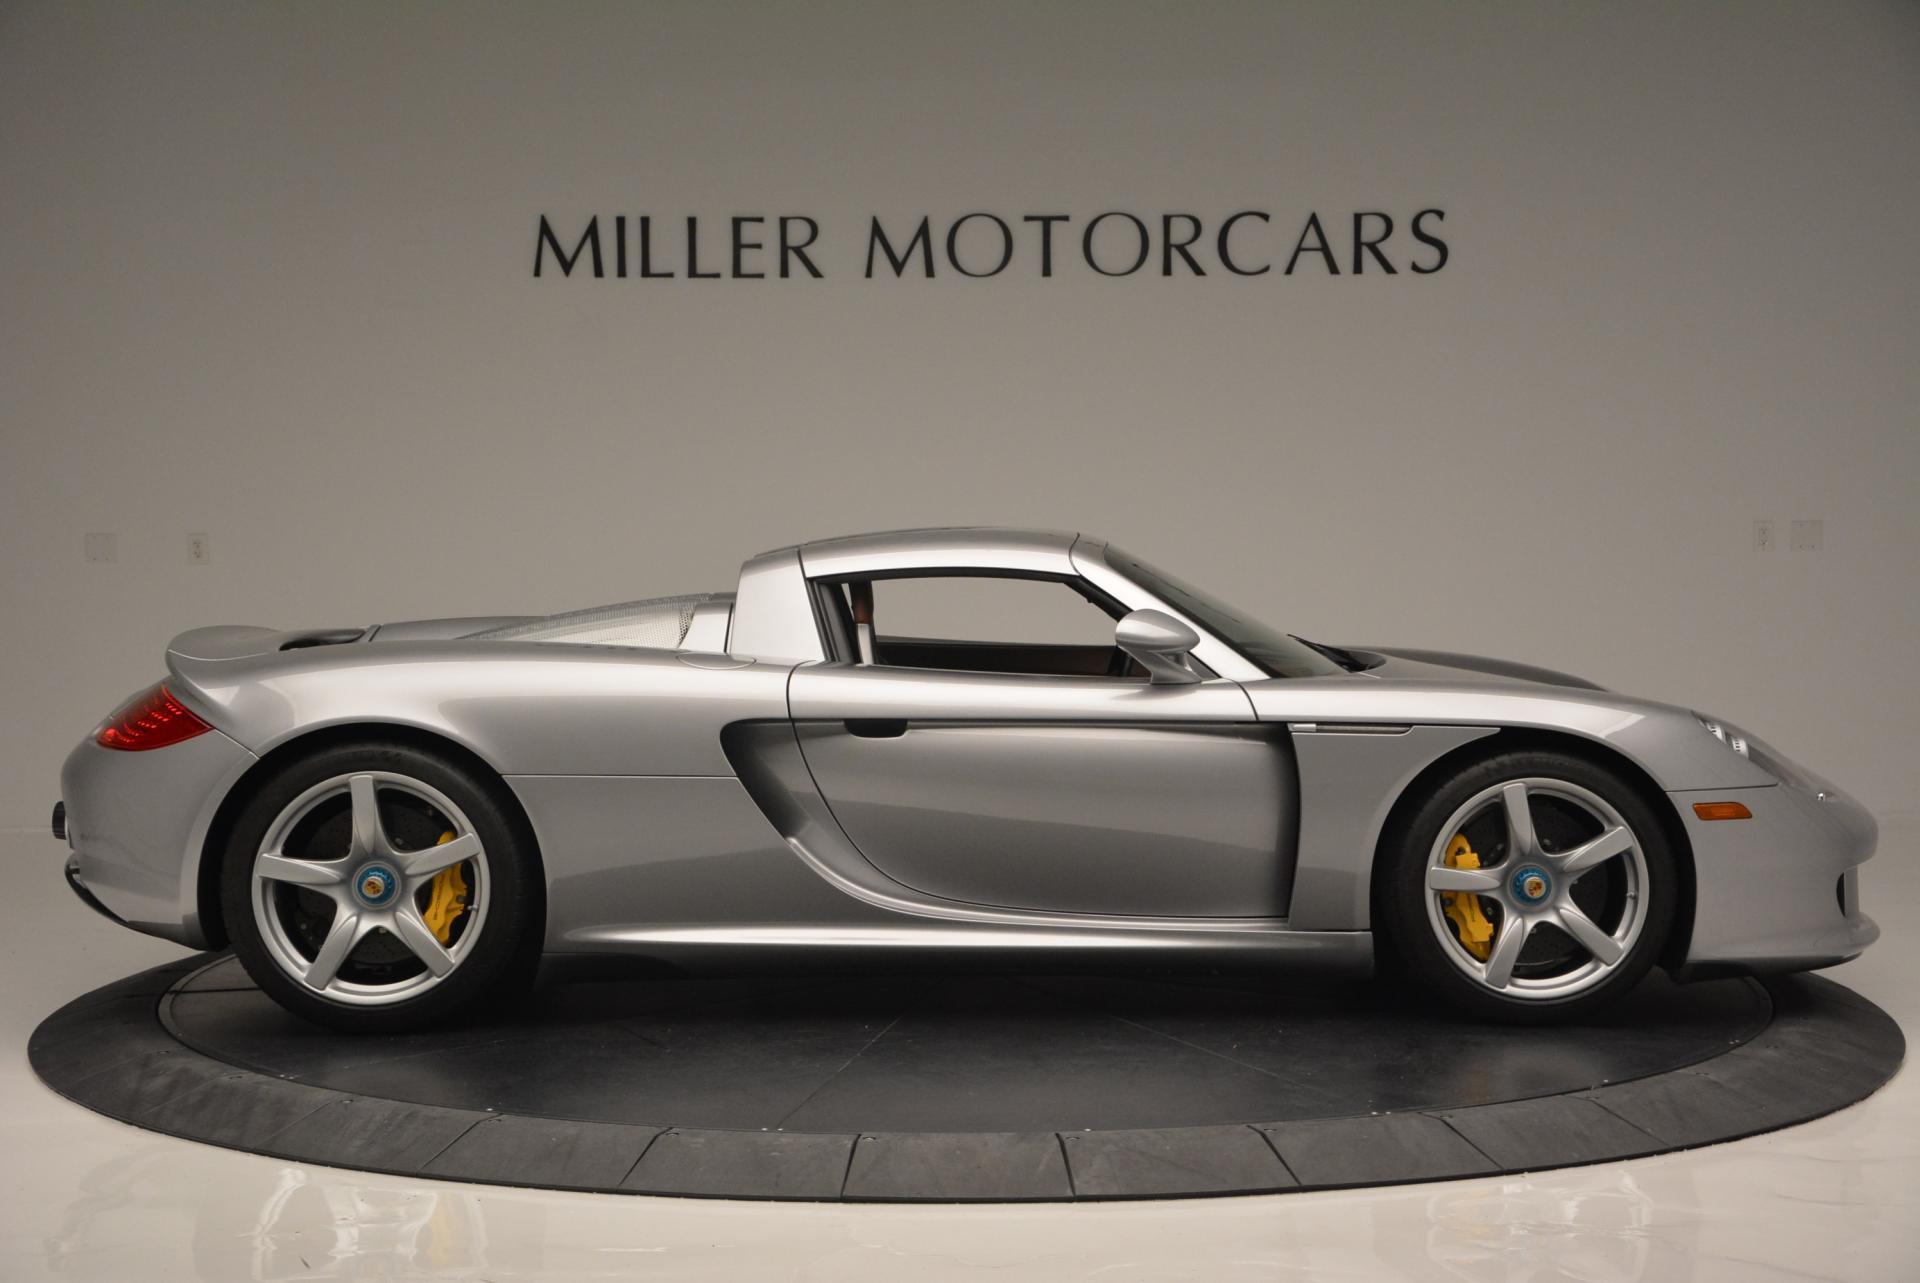 Used 2005 Porsche Carrera GT  For Sale In Greenwich, CT. Alfa Romeo of Greenwich, 7114 108_p12